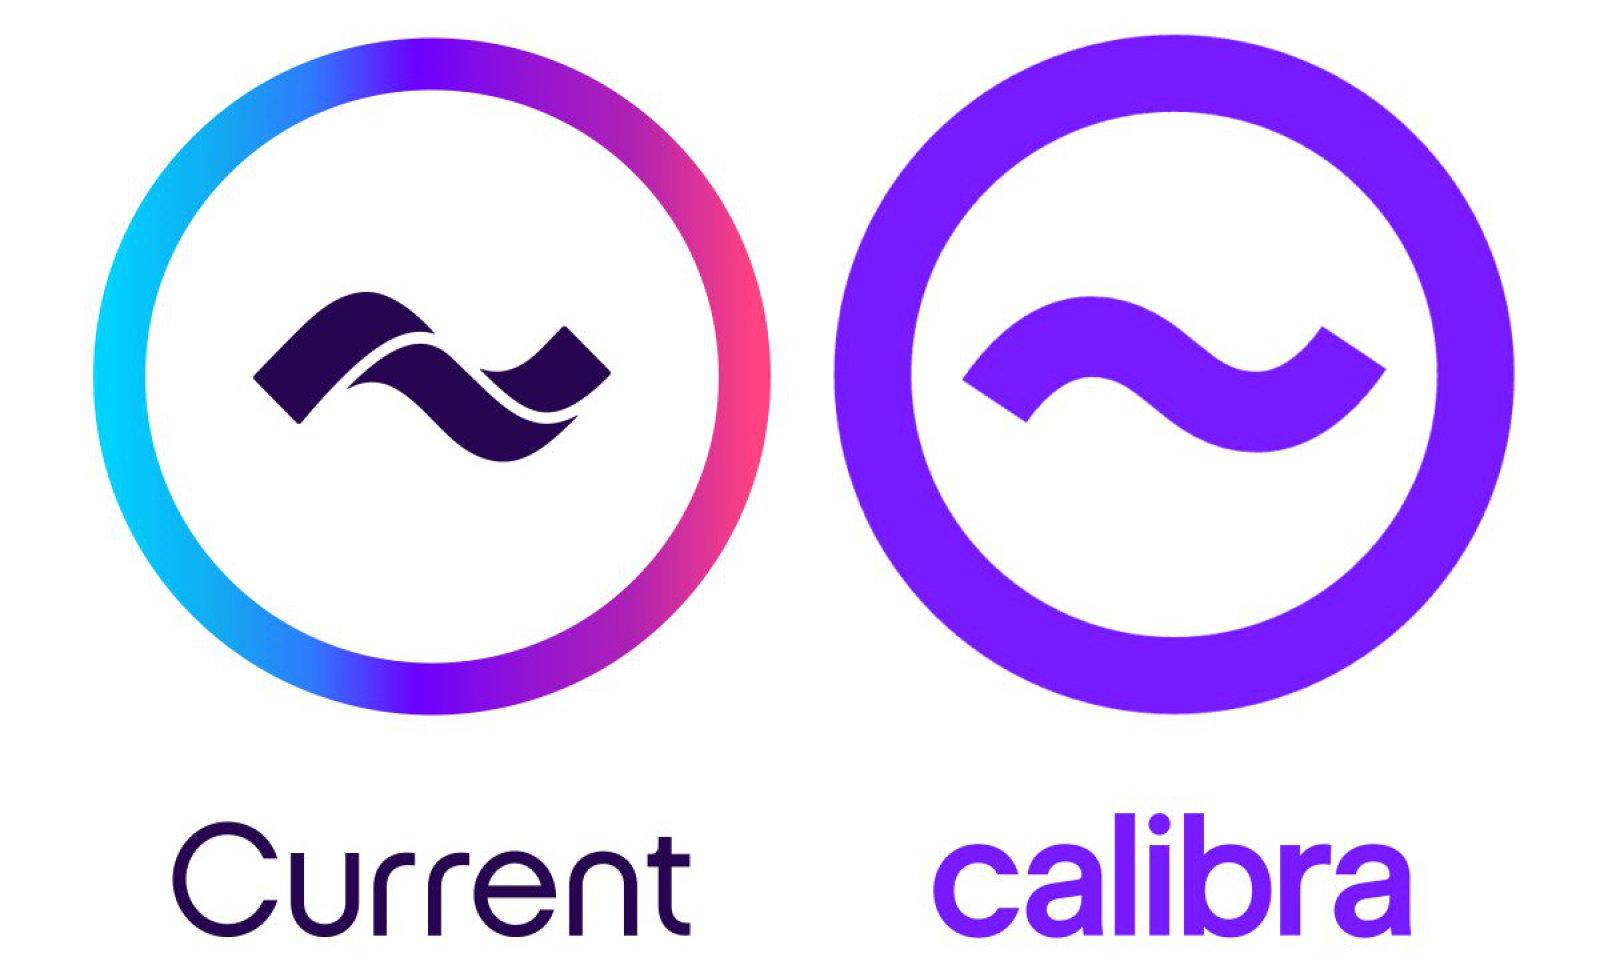 Facebook Calibrako logotipoa lapurtu al zenuen?